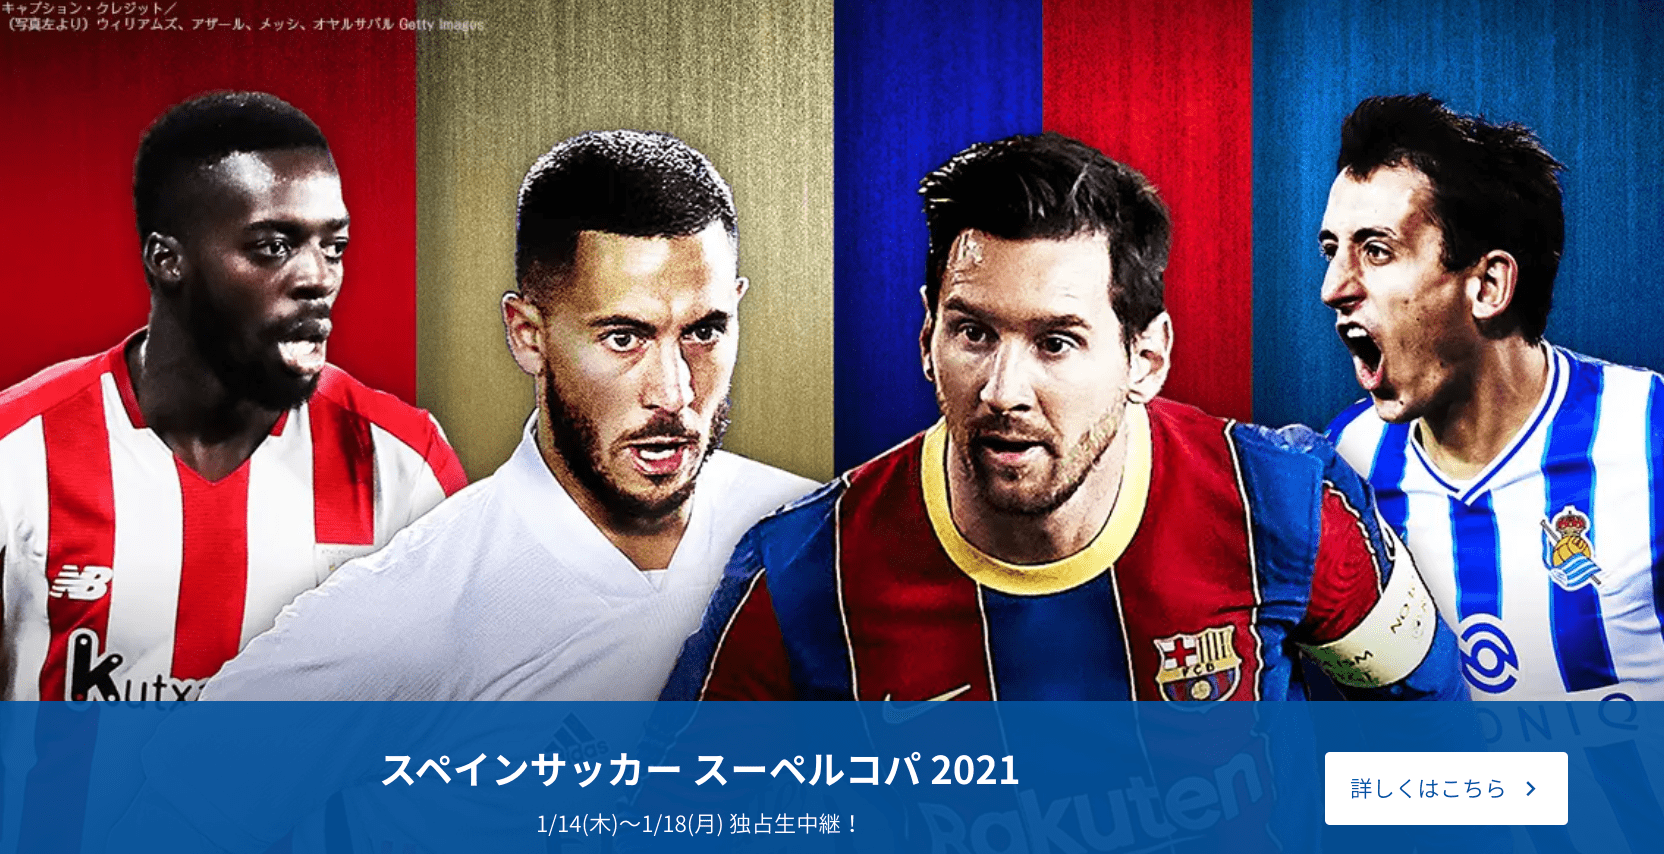 スペインサッカー_スーペルコパ2021_スポーツ_WOWOWオンライン